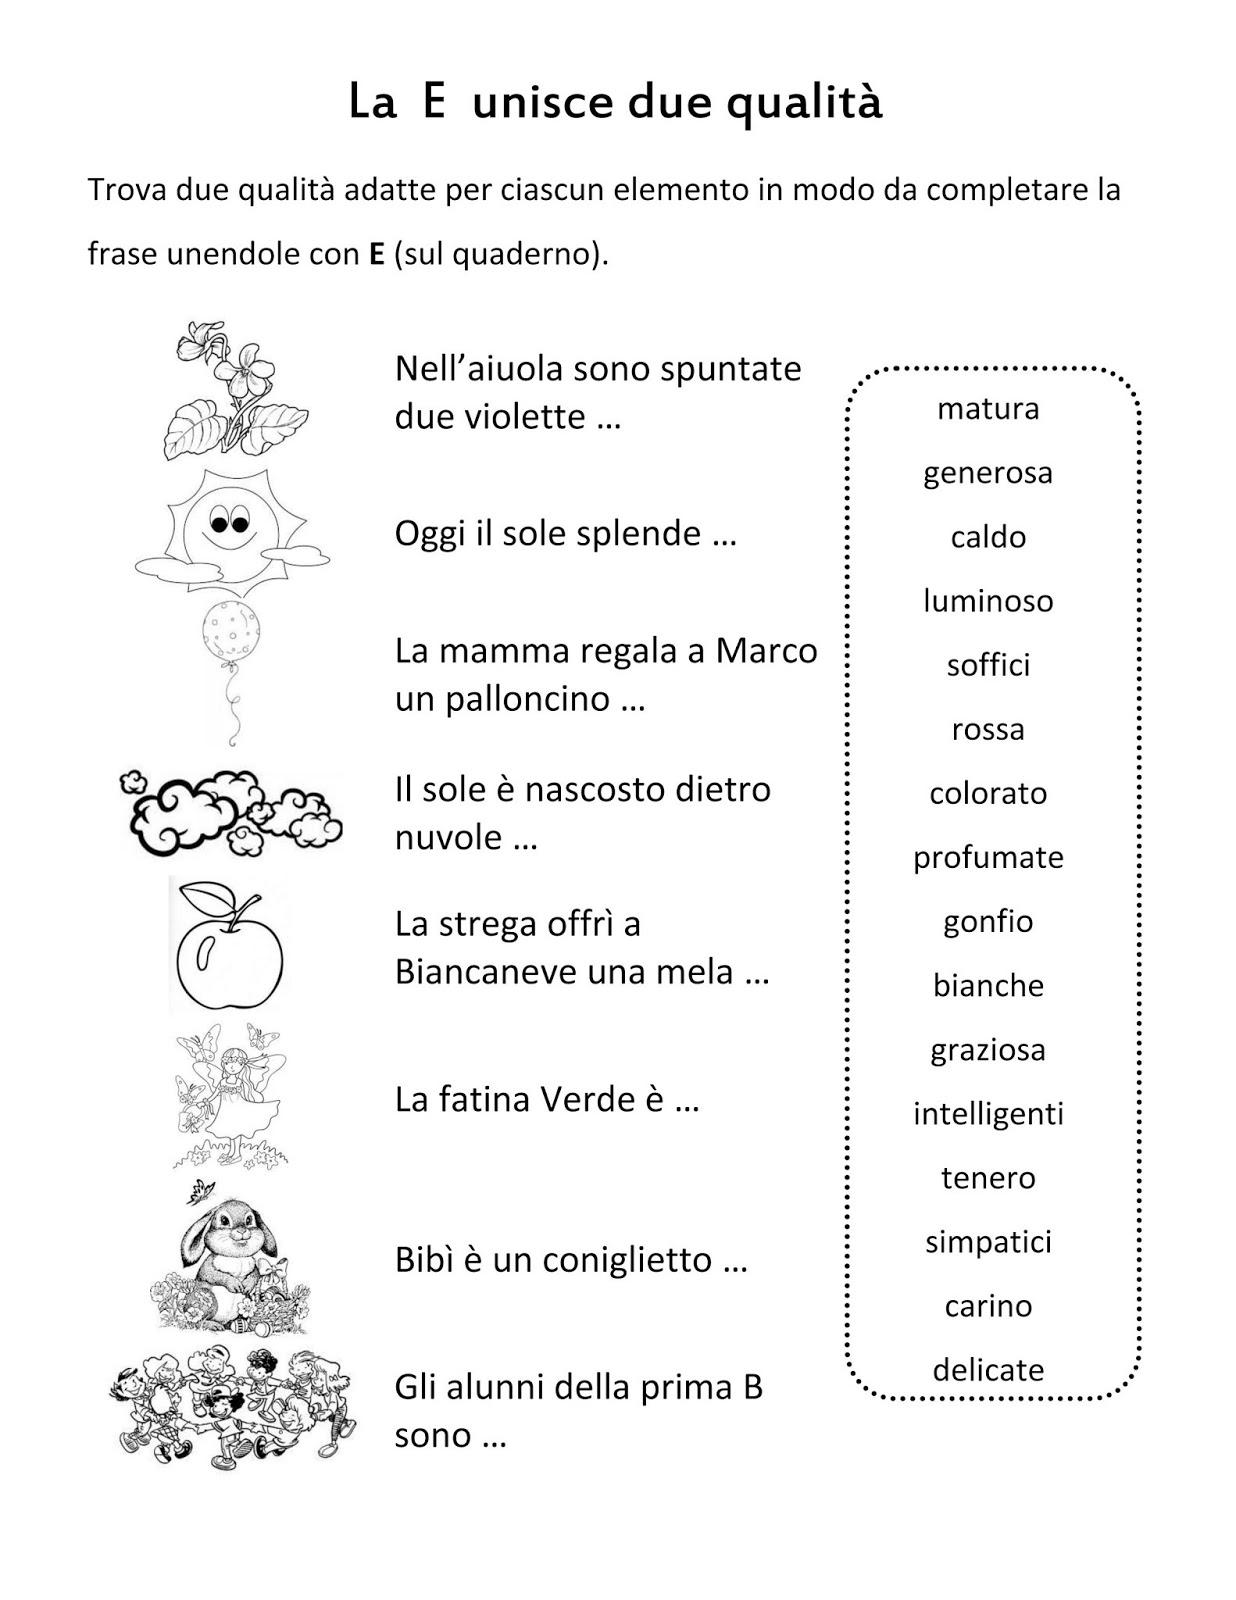 Ben noto Scuola di pensiero: Schede didattiche: e congiunzione, è verbo. VT37